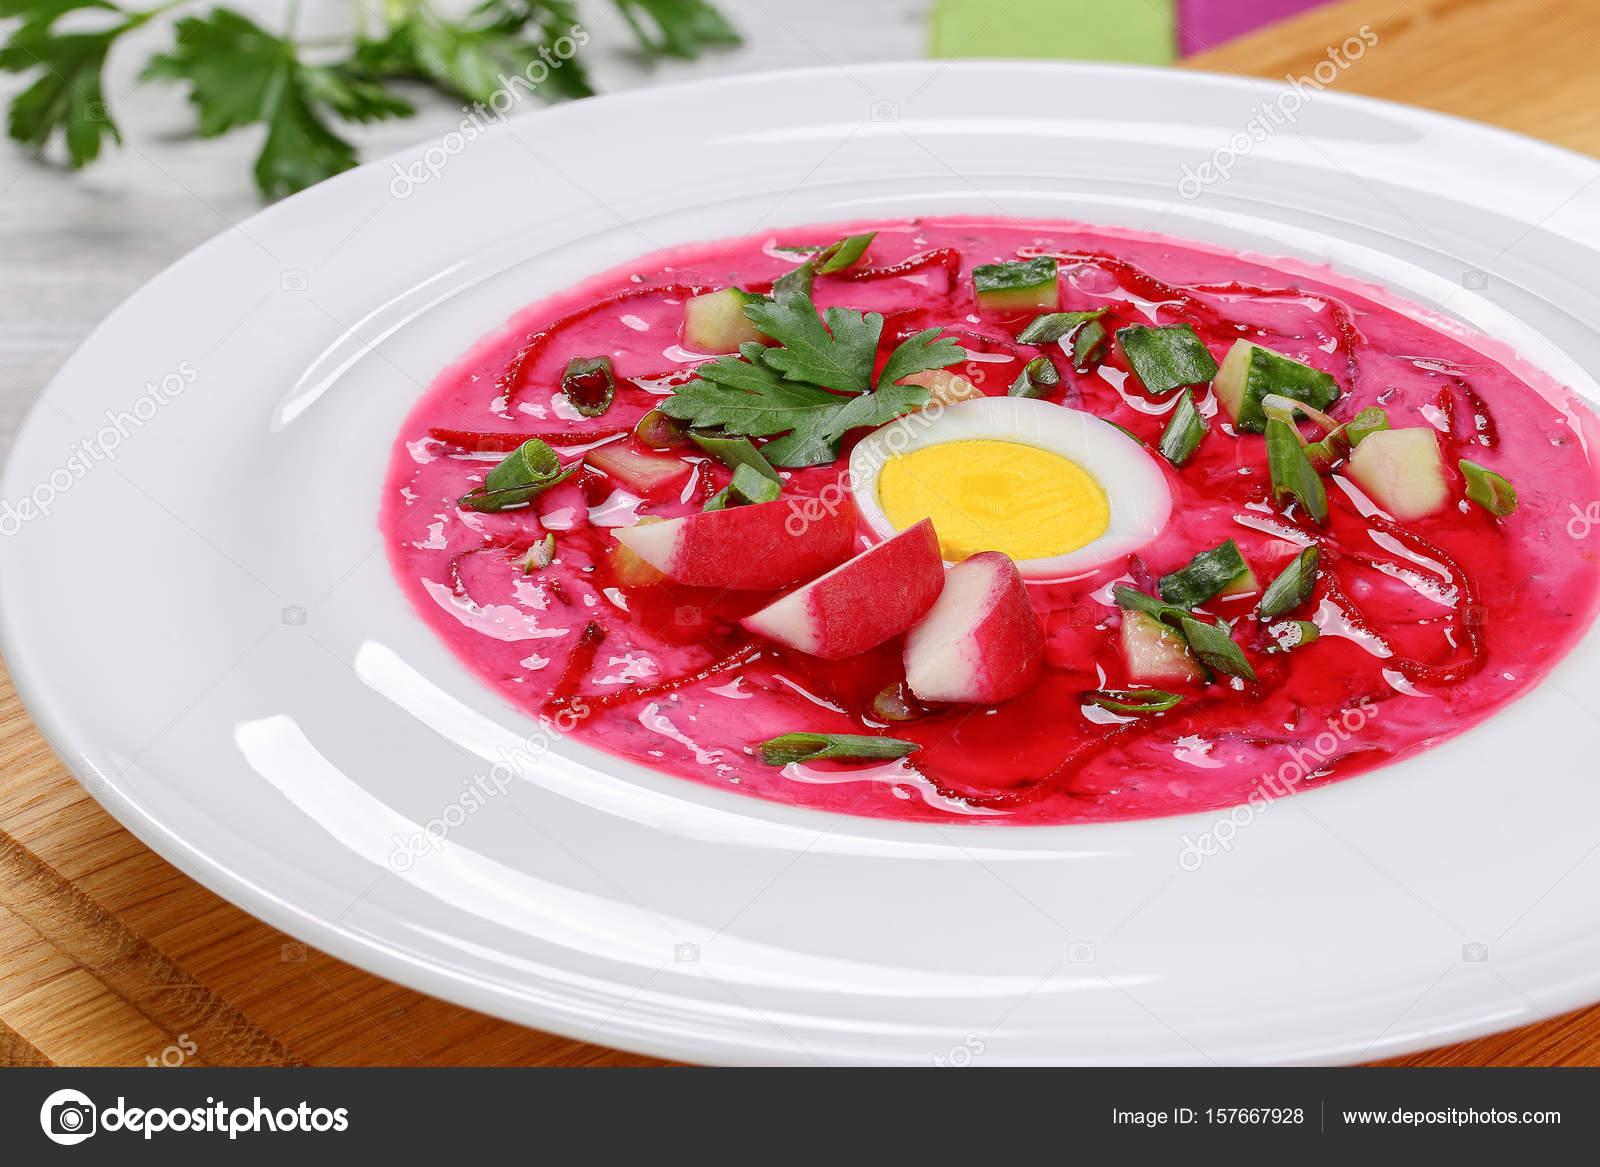 Soğuk pancar çorbası tarifi